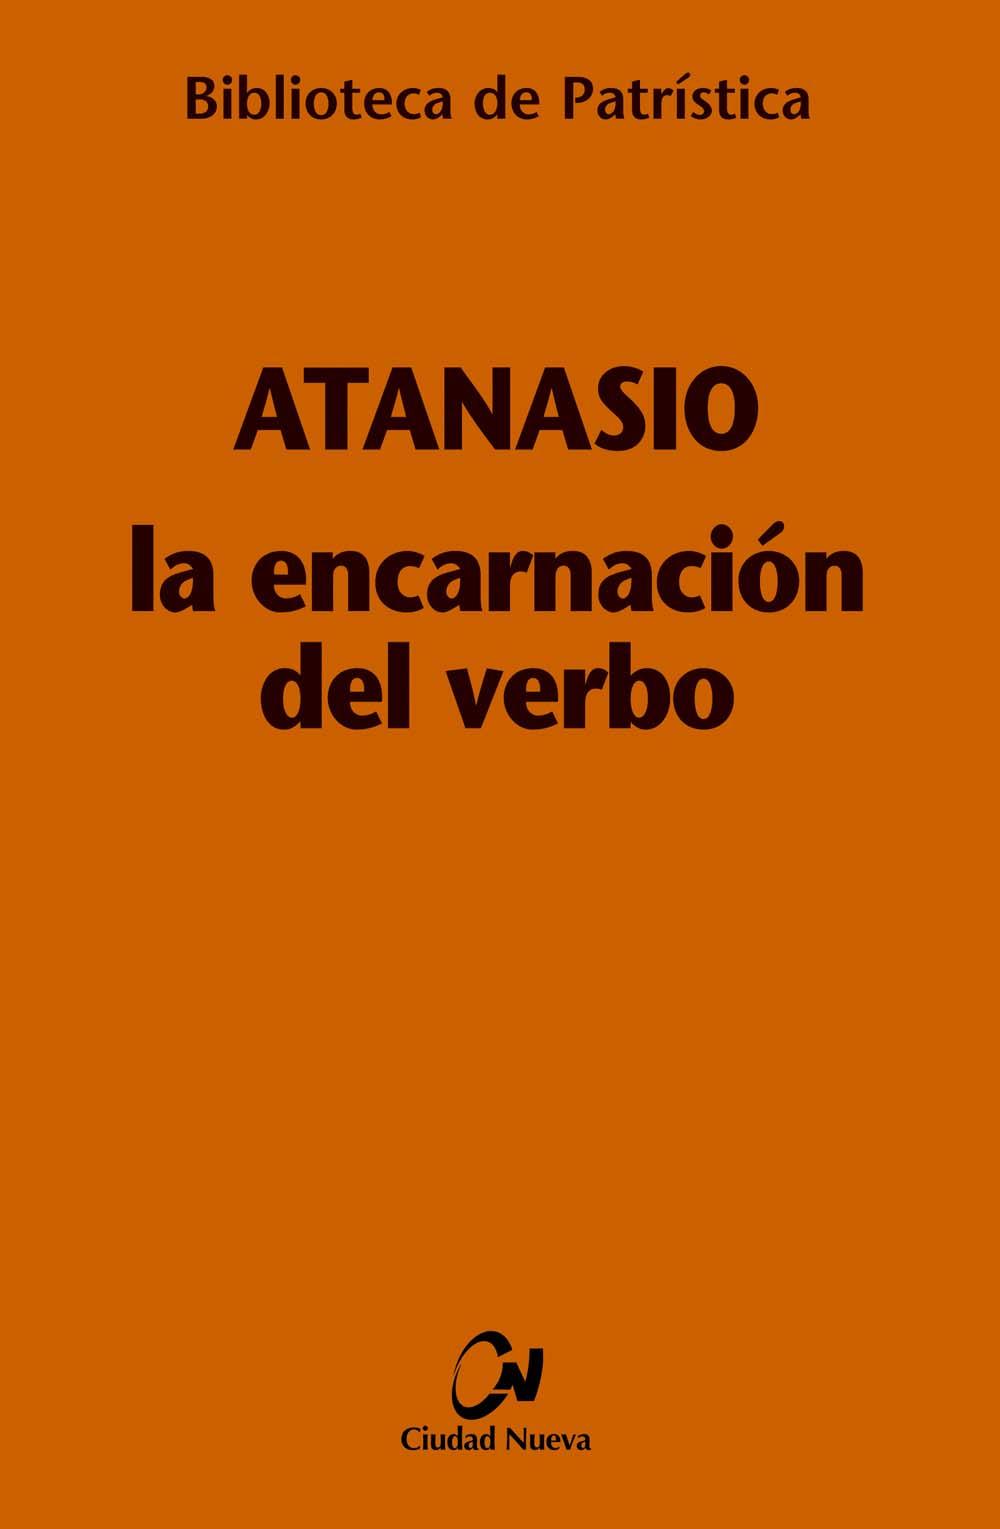 la-encarnacion-del-verbo-[bpa-6]